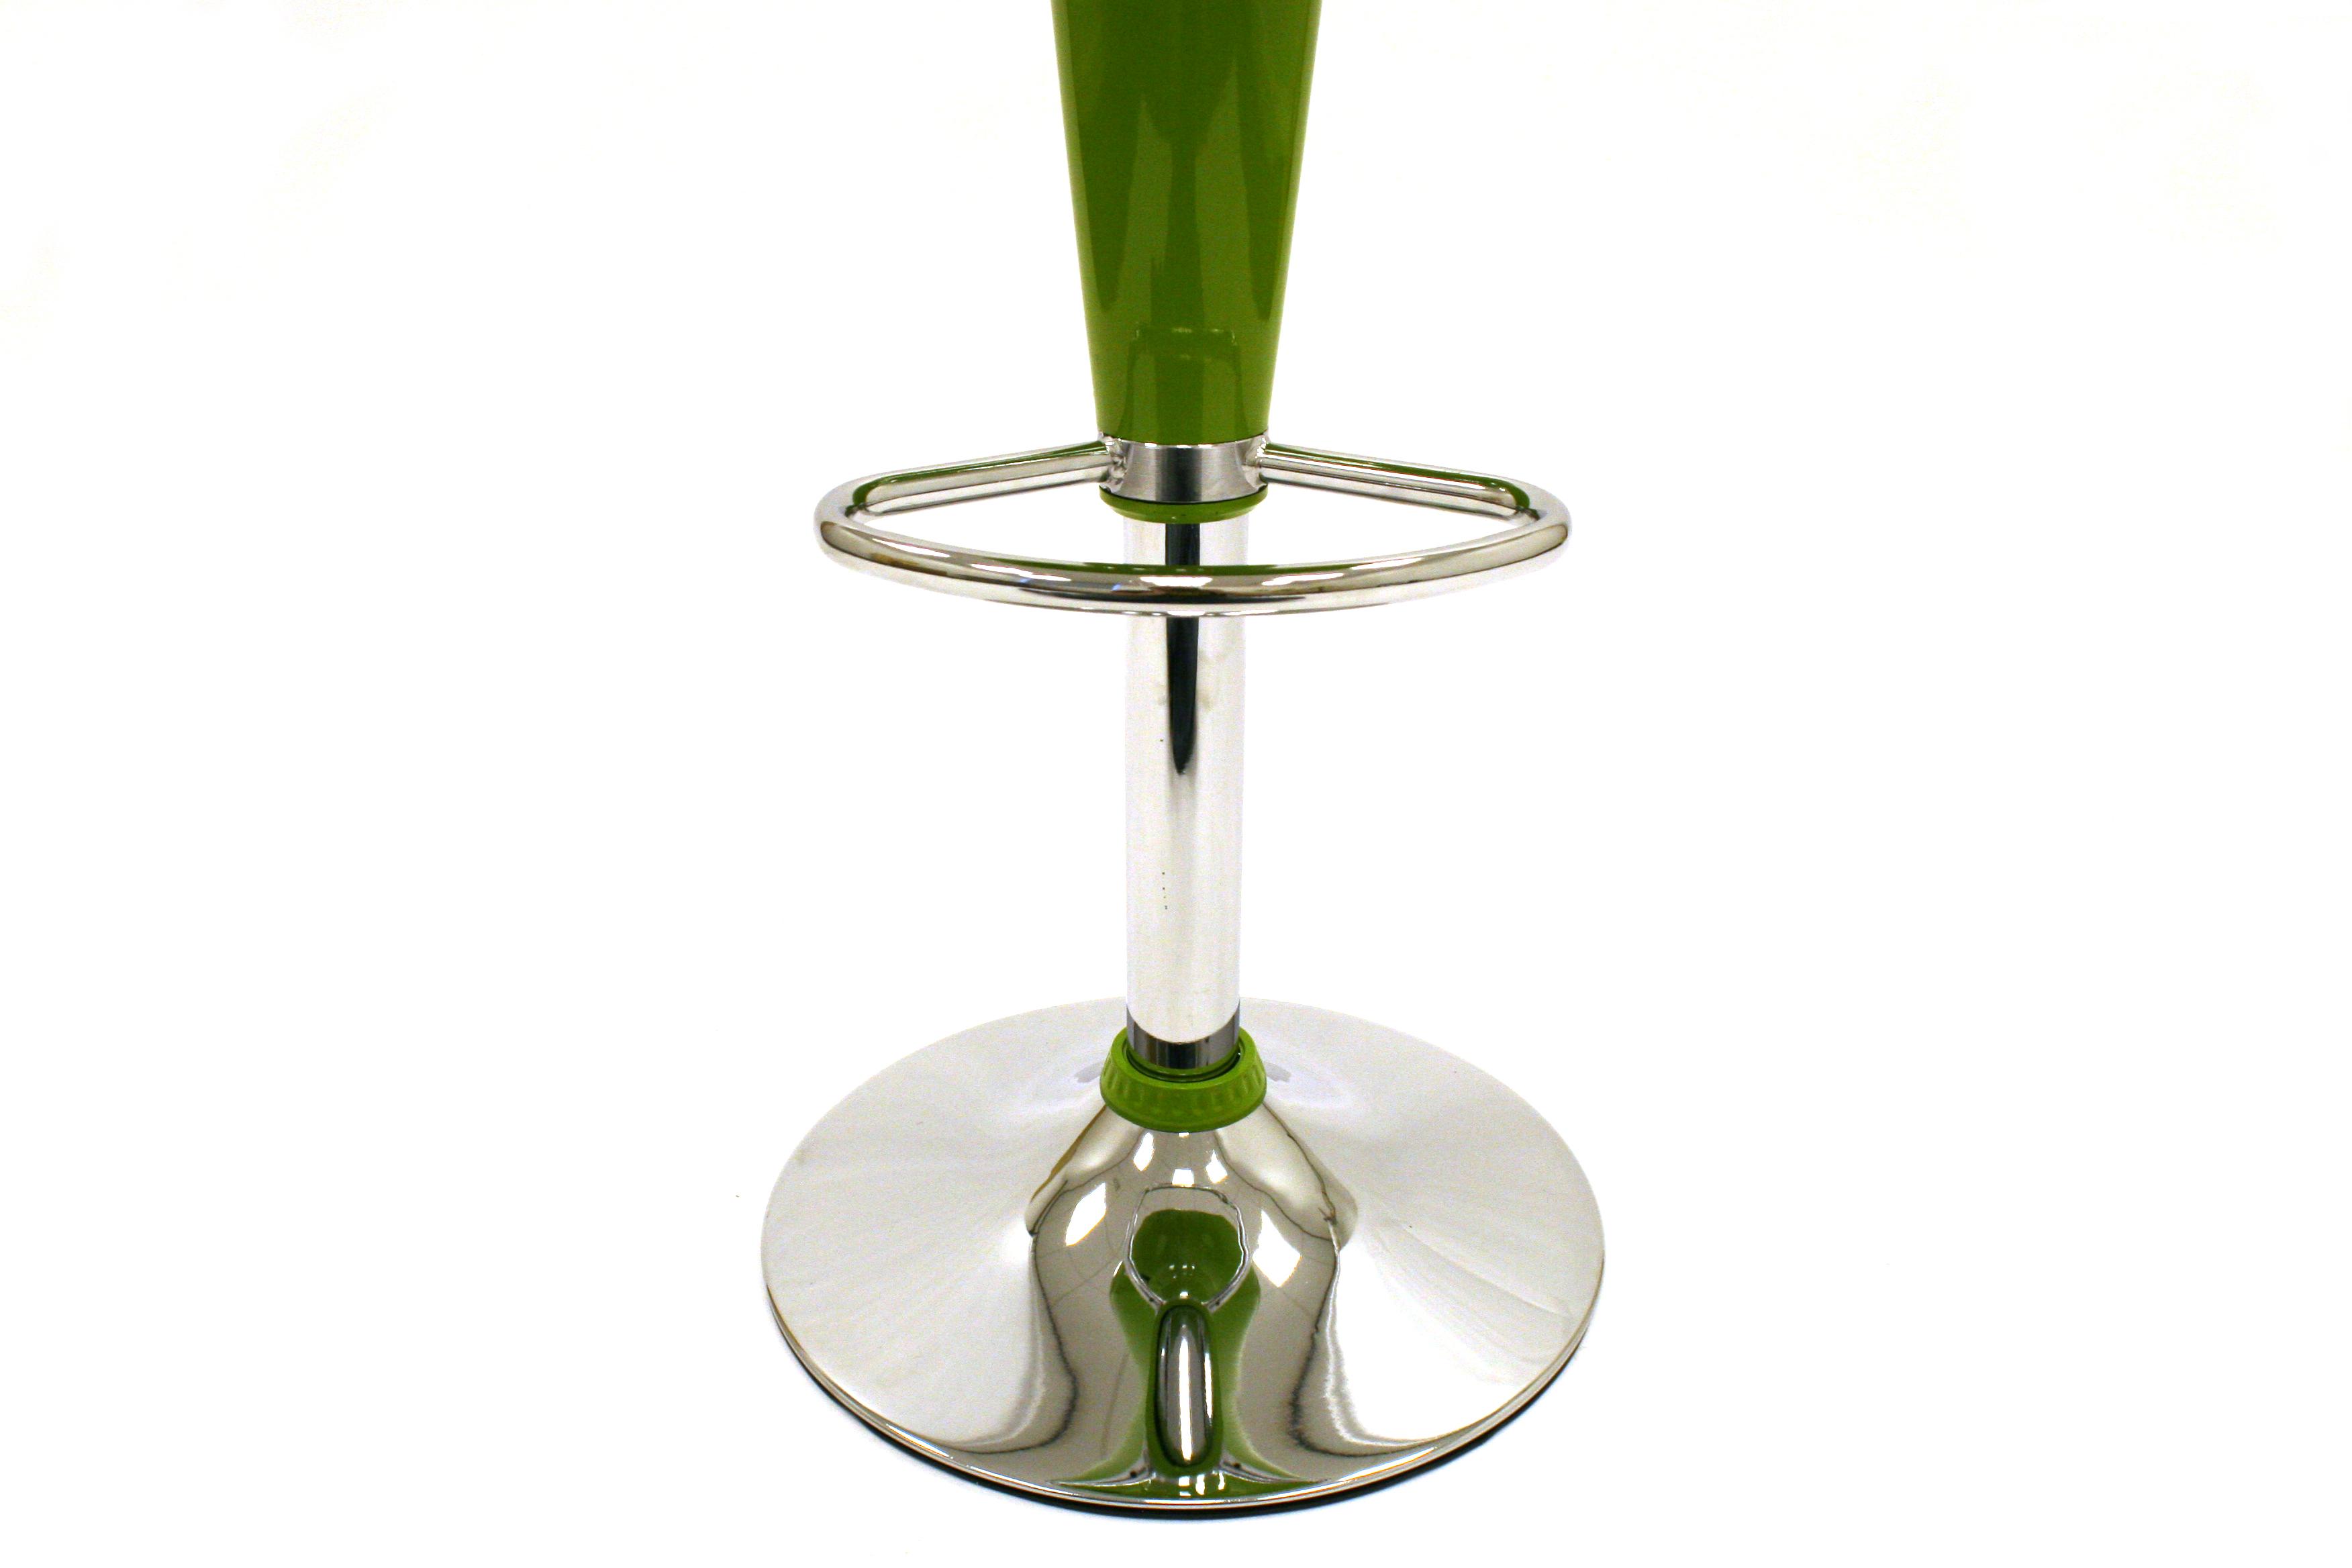 Green Plastic Bar Stools